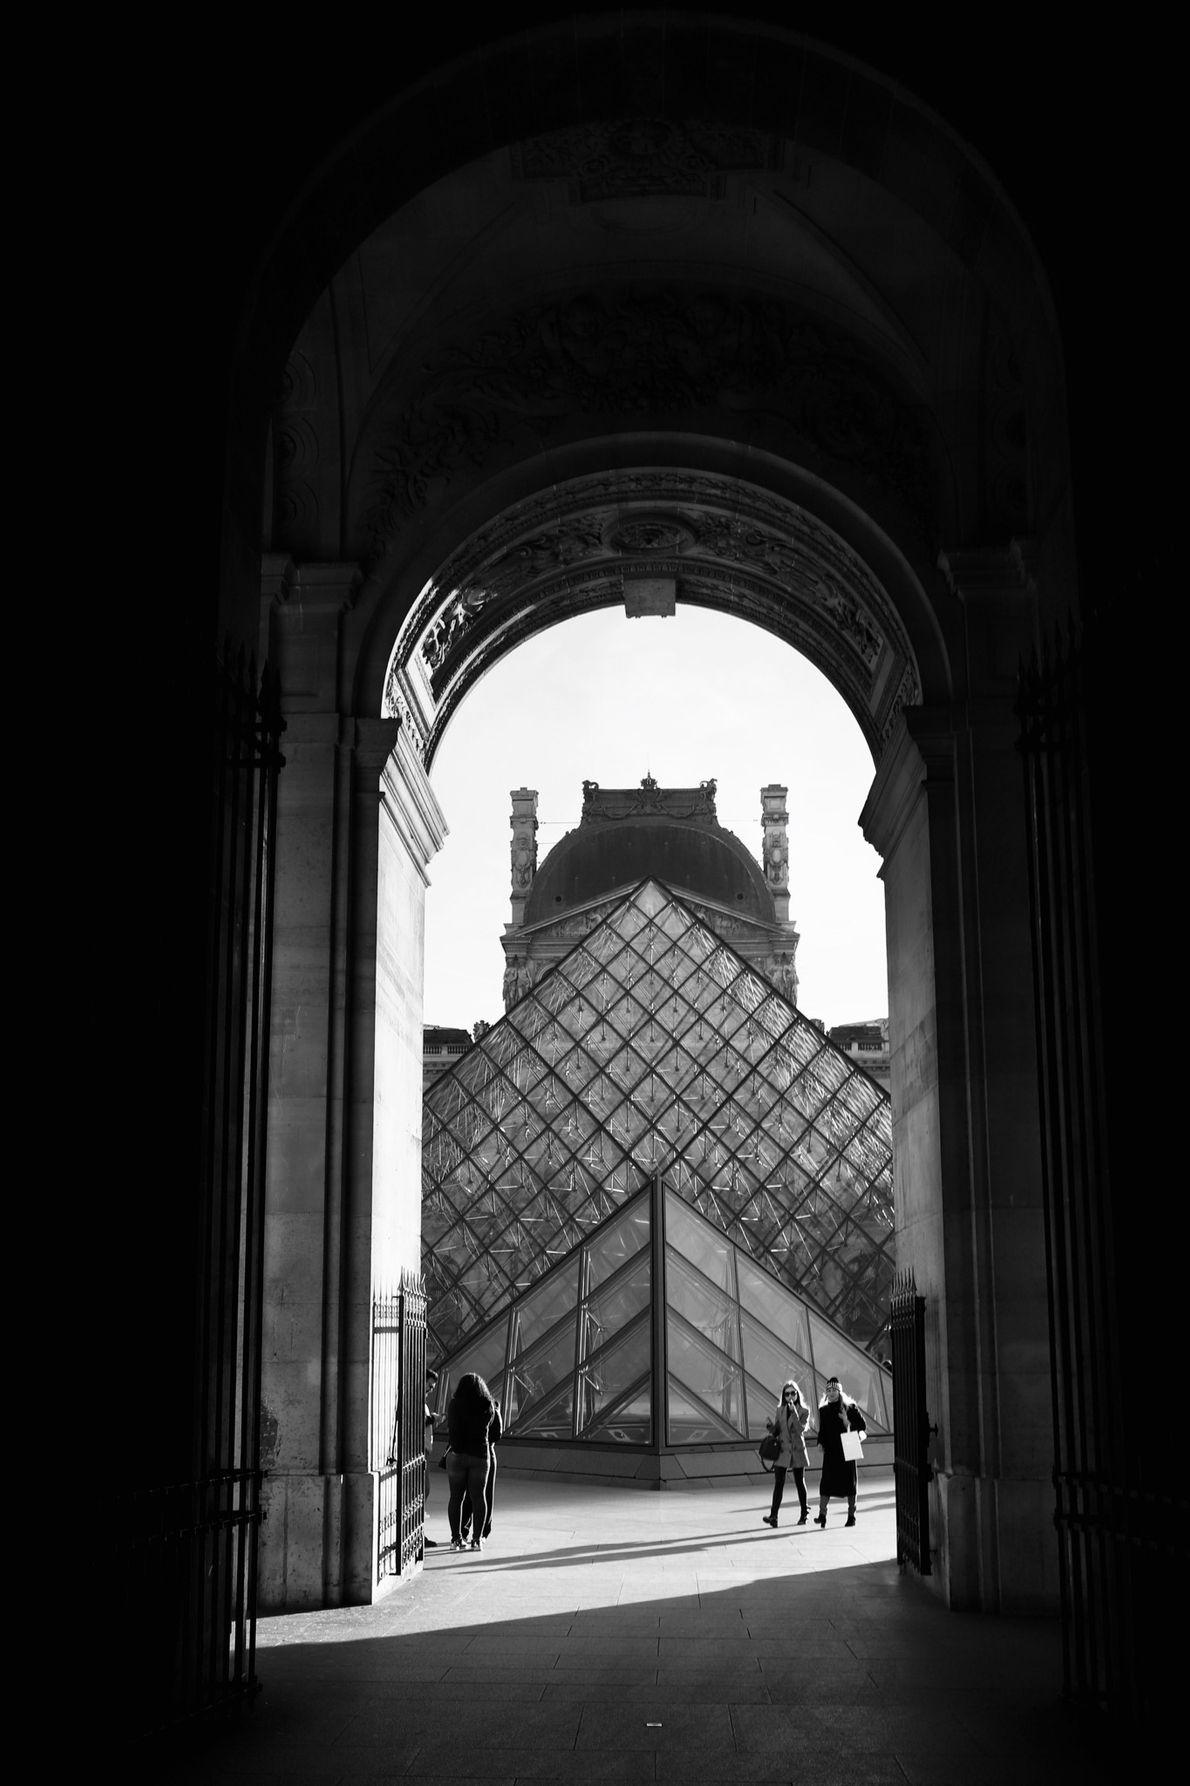 Em 1989, a pirâmide de vidro e metal com quase 22 metros de altura, projetada pelo ...